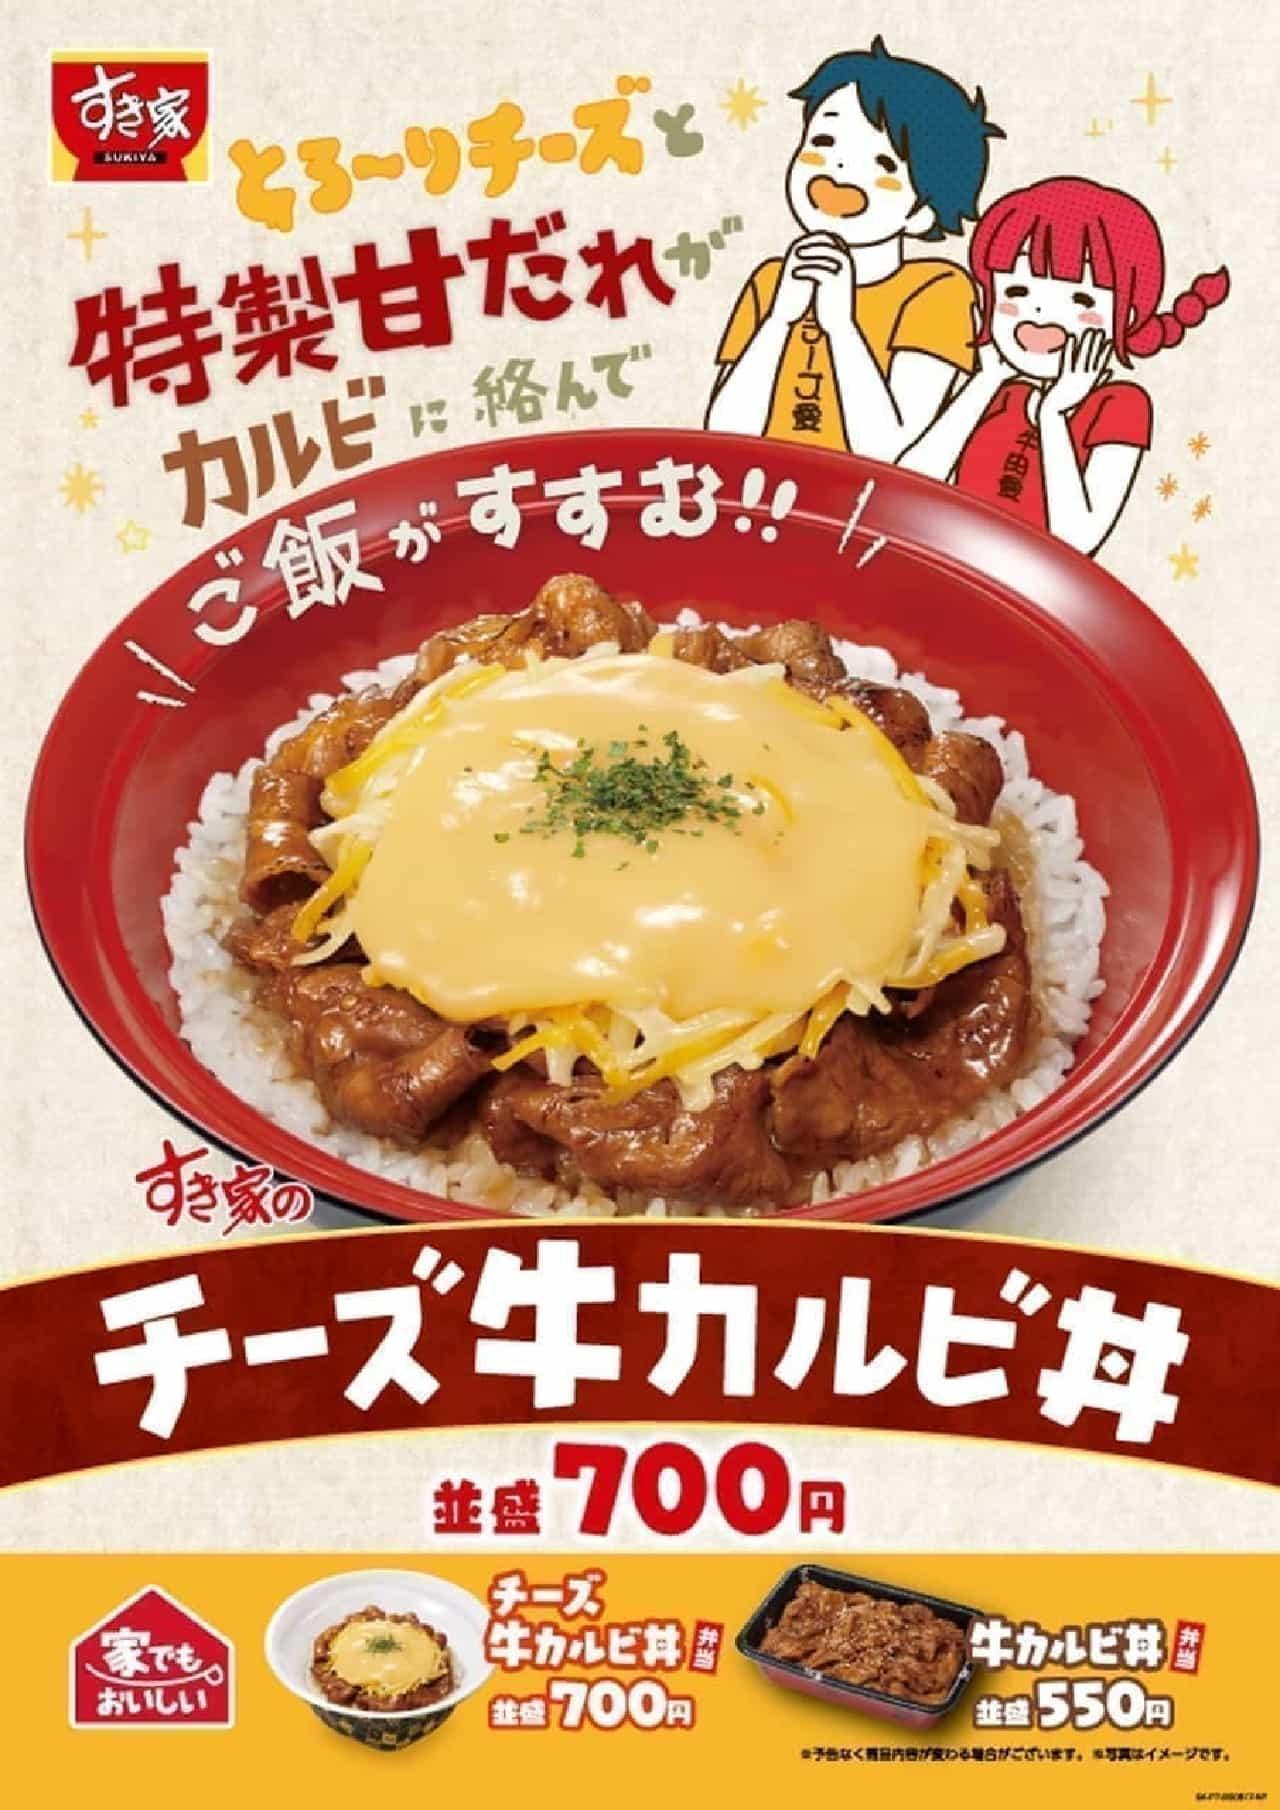 すき家「牛カルビ丼」